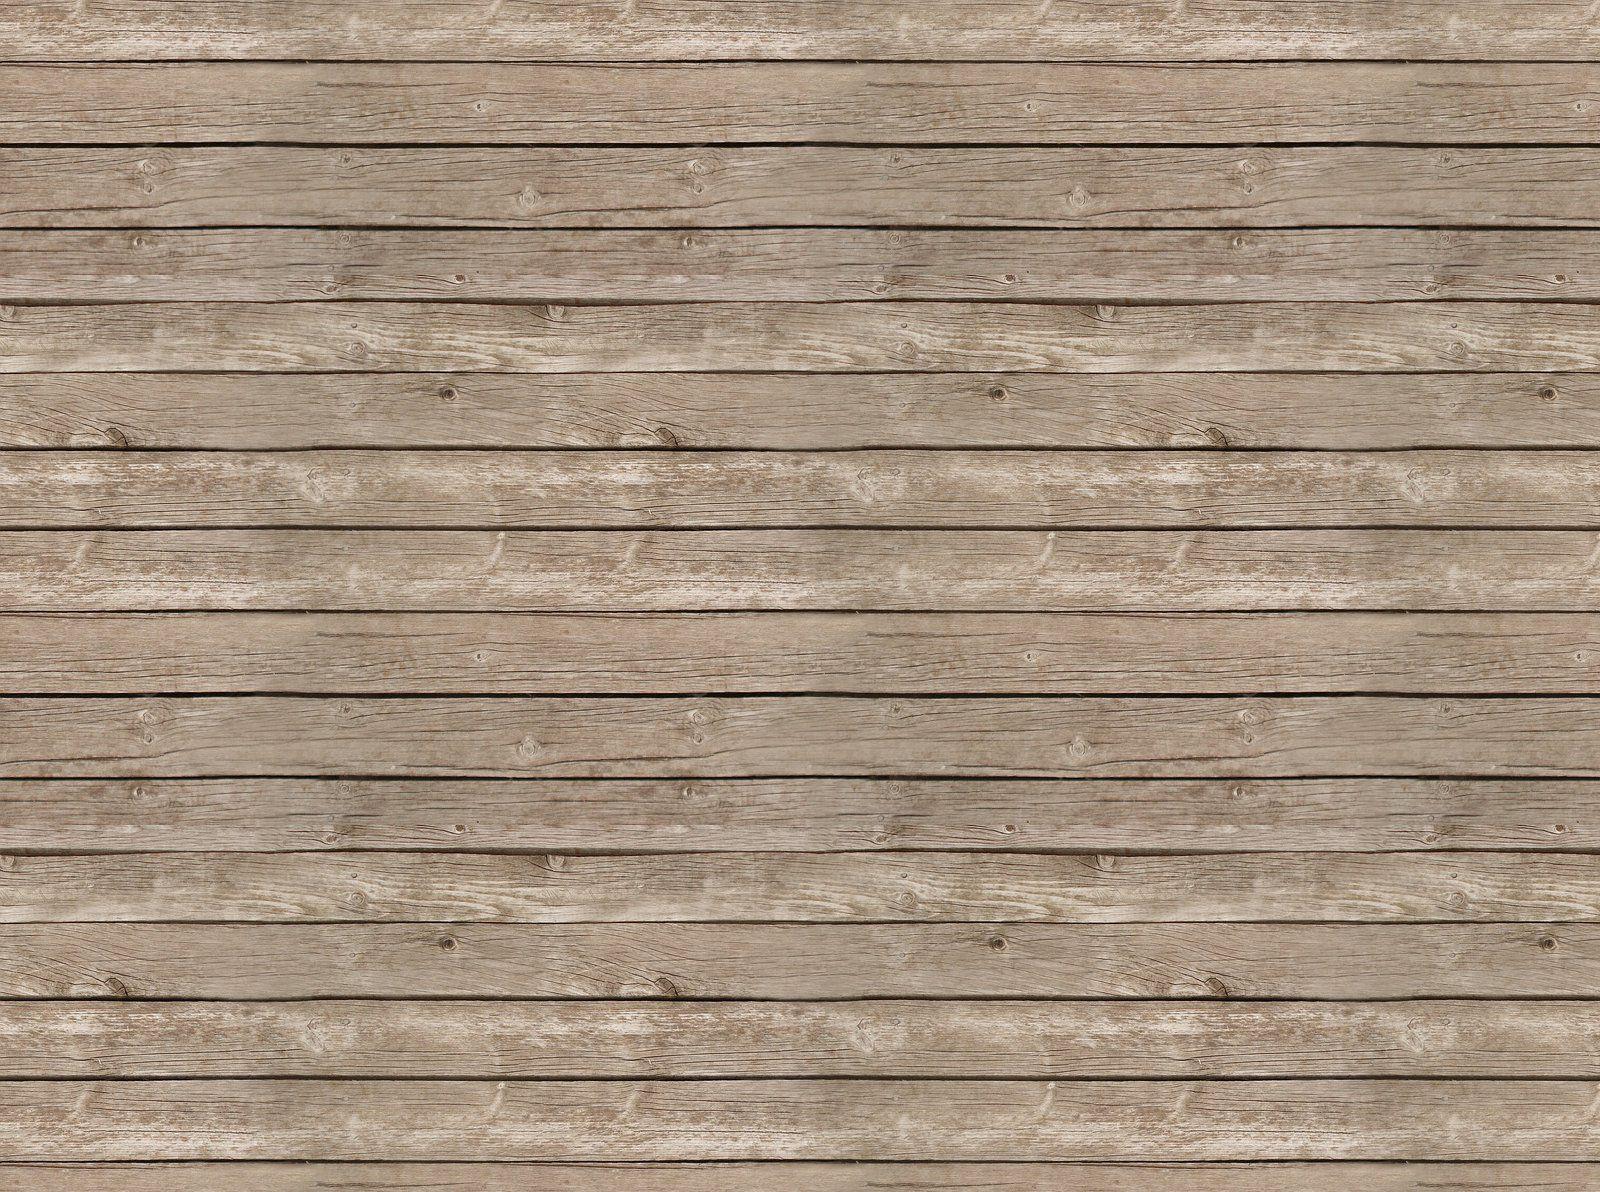 Madera Textura Buscar Con Google Texturas Pinterest